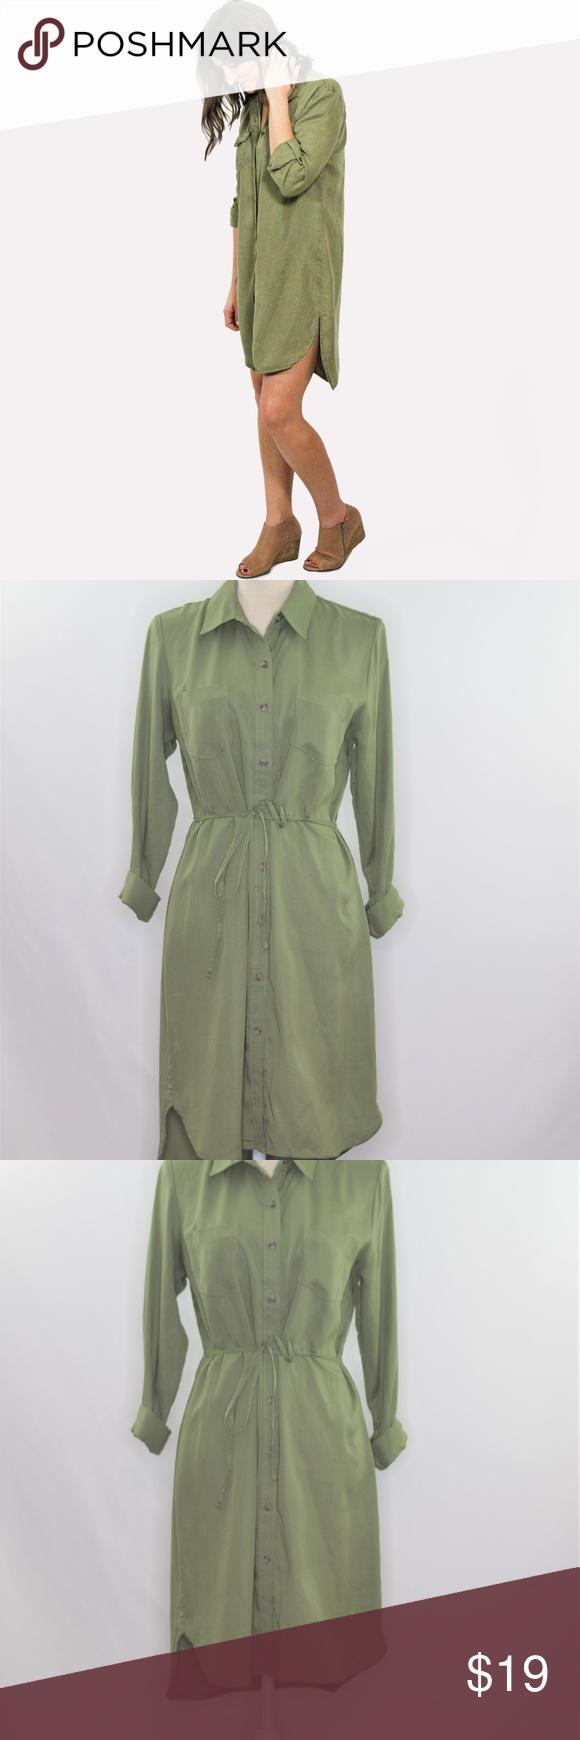 5 25 Long Sleeve Button Down Shirt Dress Button Down Shirt Dress Clothes Design Shirt Dress [ 1740 x 580 Pixel ]